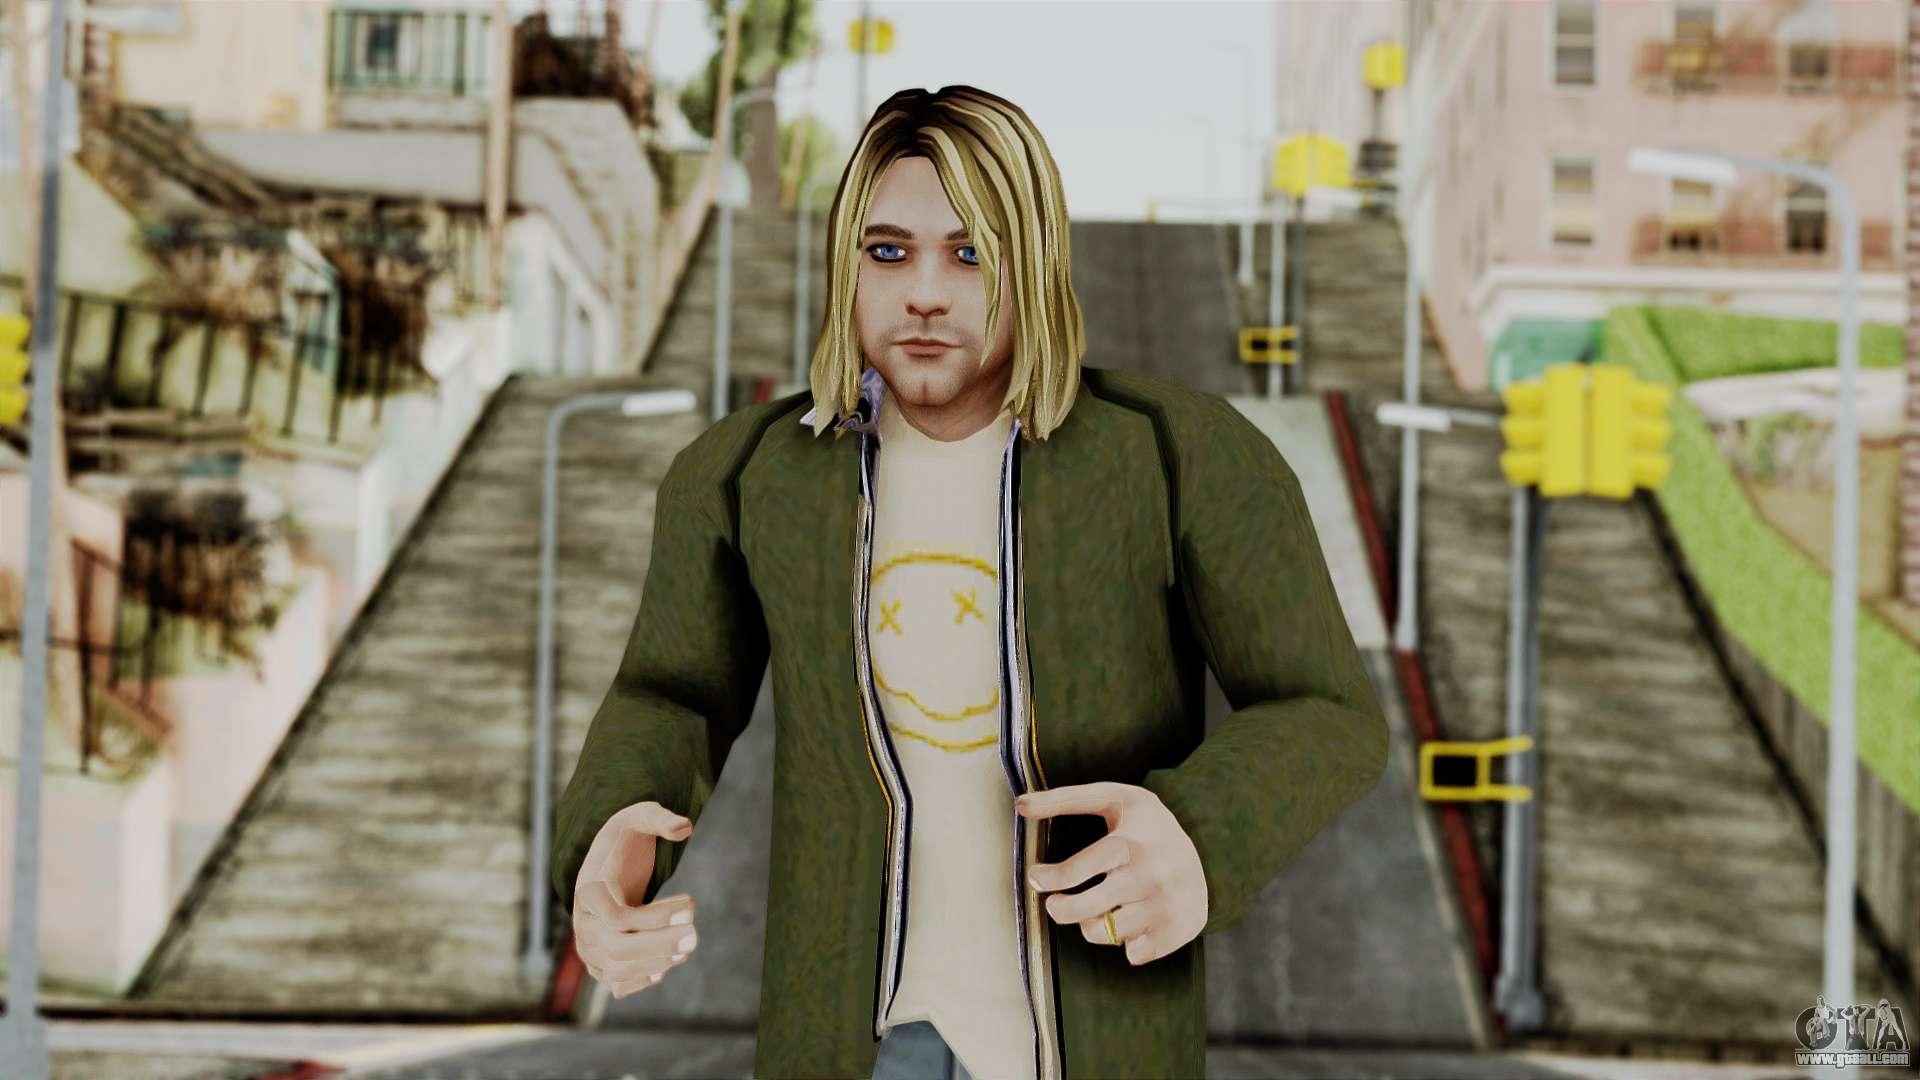 Wallpaper Gta San Andreas Hd Kurt Cobain For Gta San Andreas